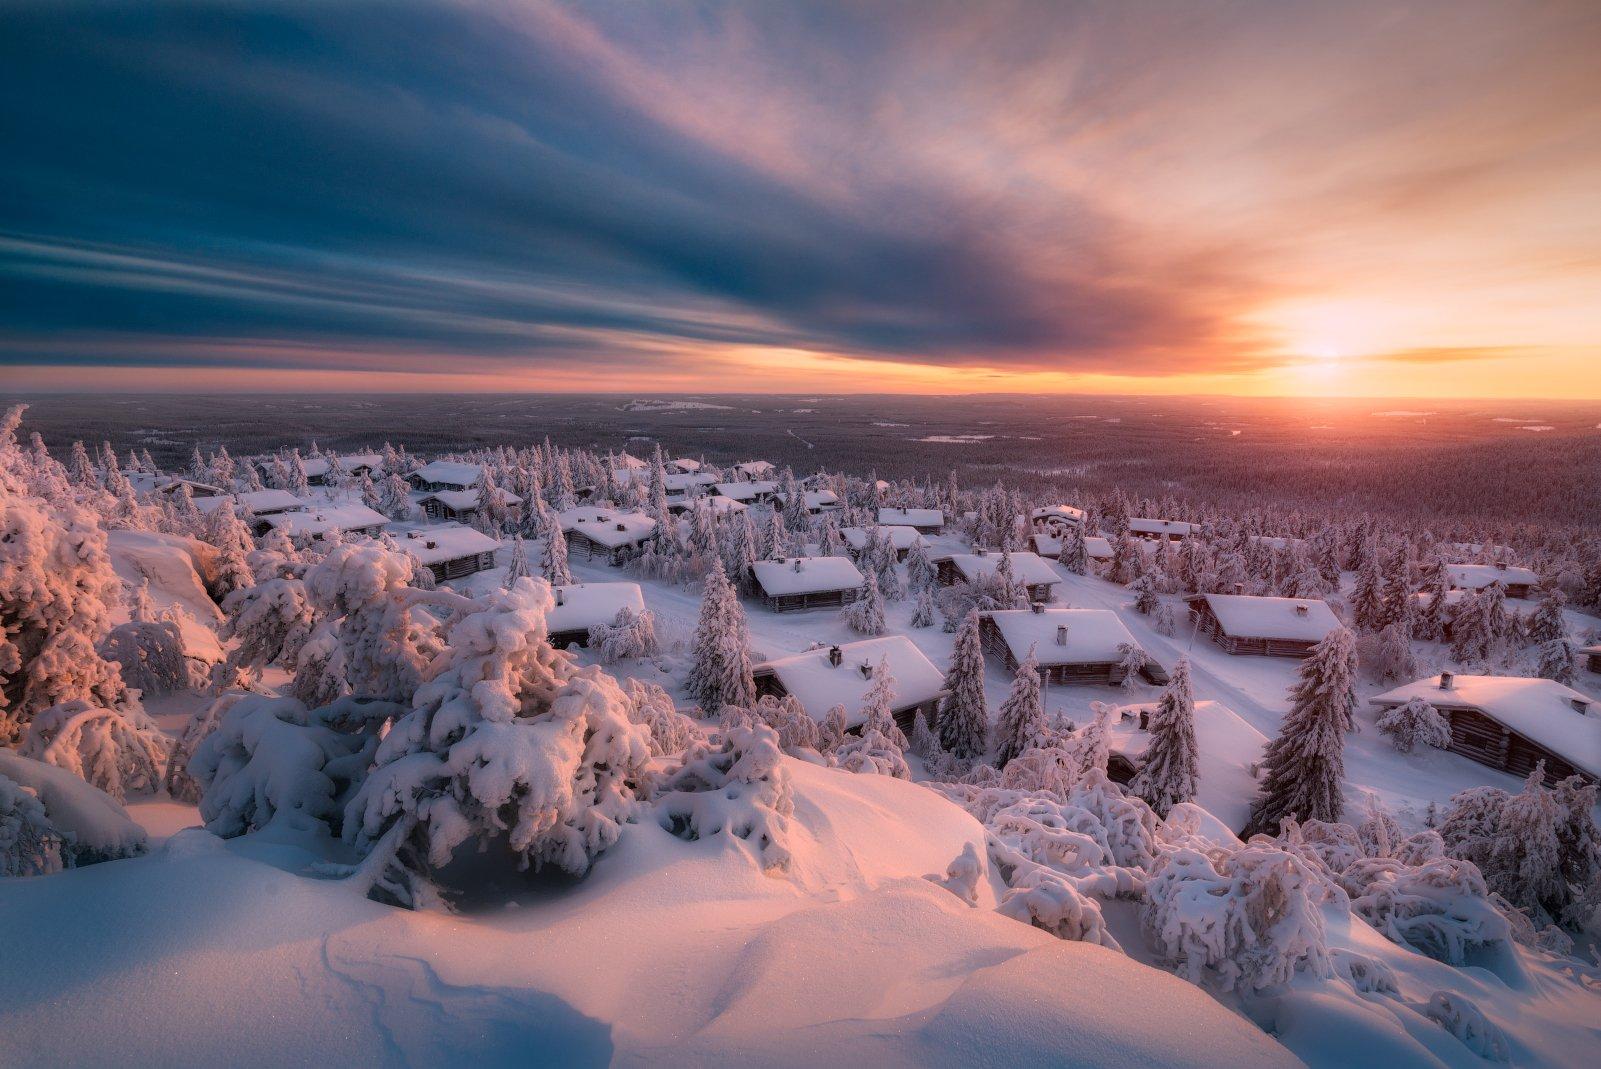 зима, снег, закат, лапландия, солнце, избушки, облака, Cтанислав Малых